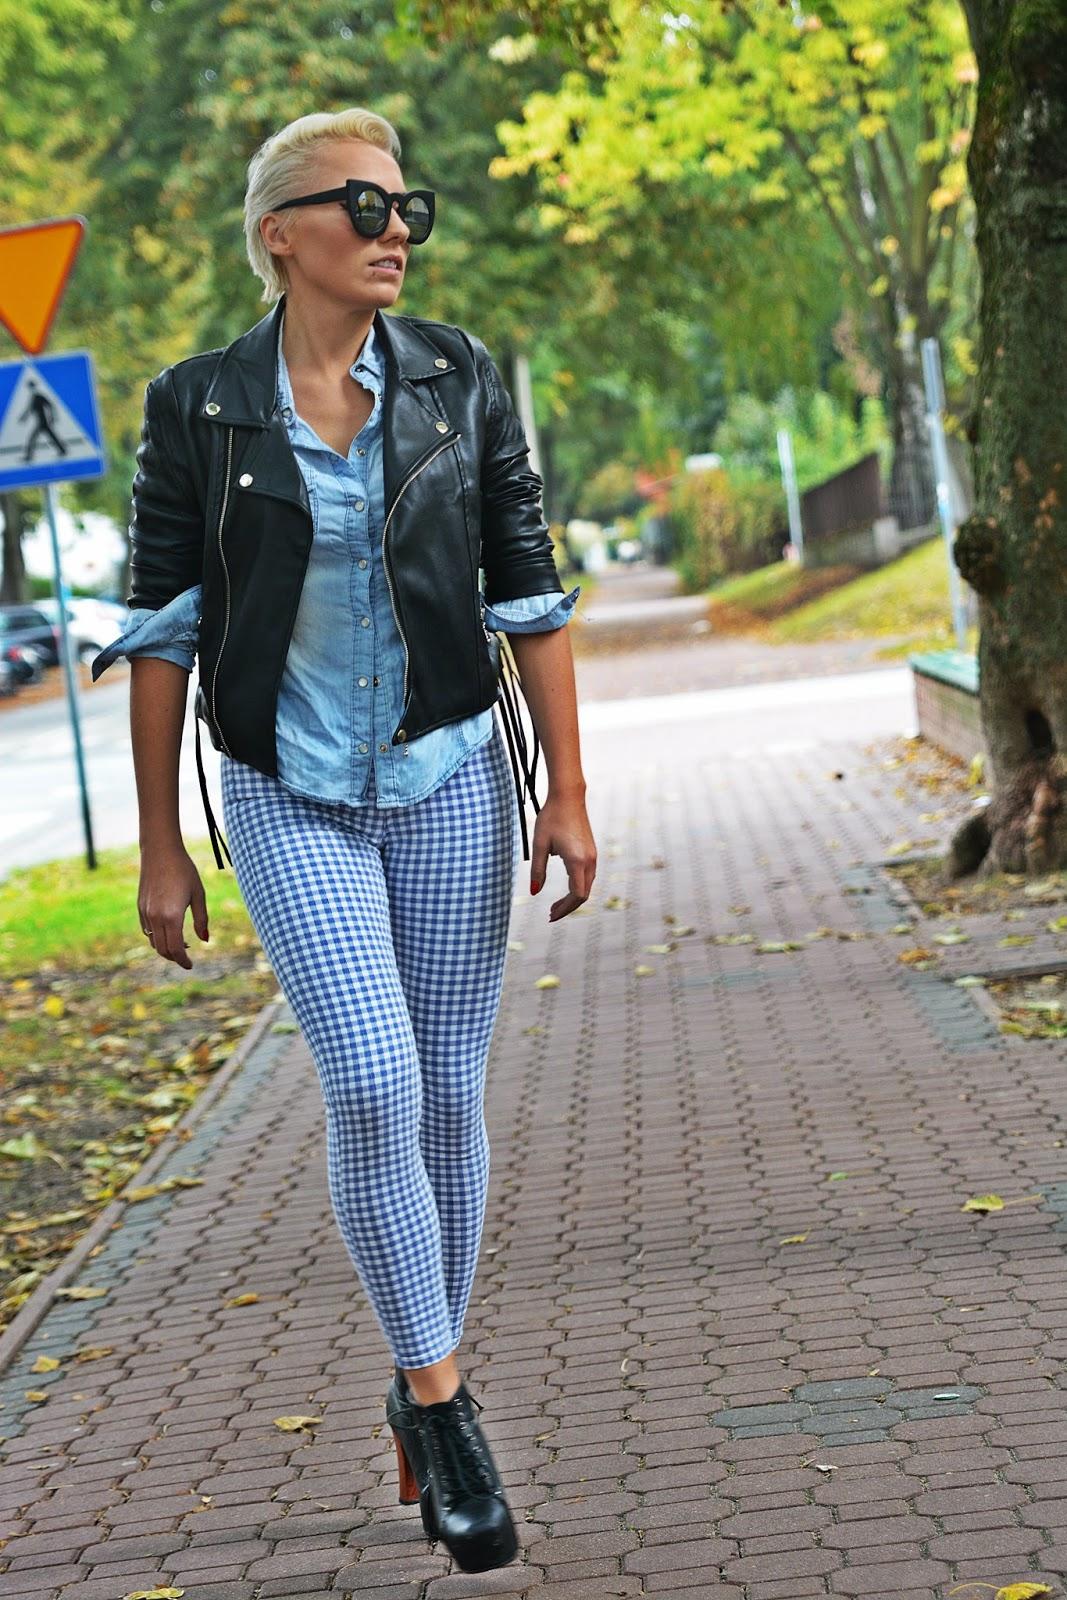 niebieskie_spodnie_ramoneska_czarna_kocie_okulary_1